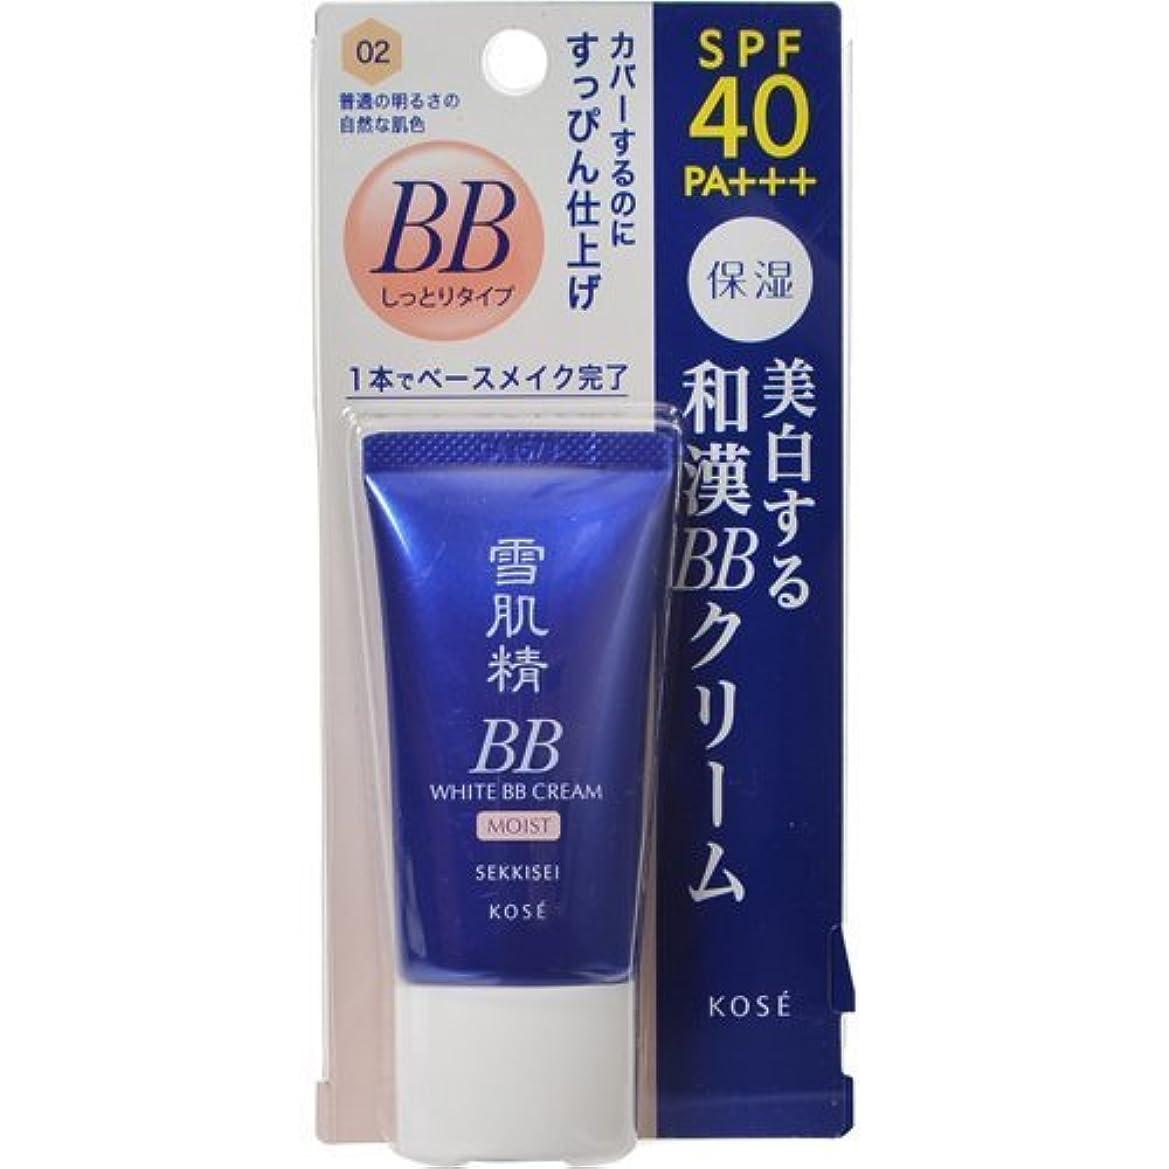 喜び変更陸軍雪肌精 ホワイト BBクリーム モイスト 02 30g